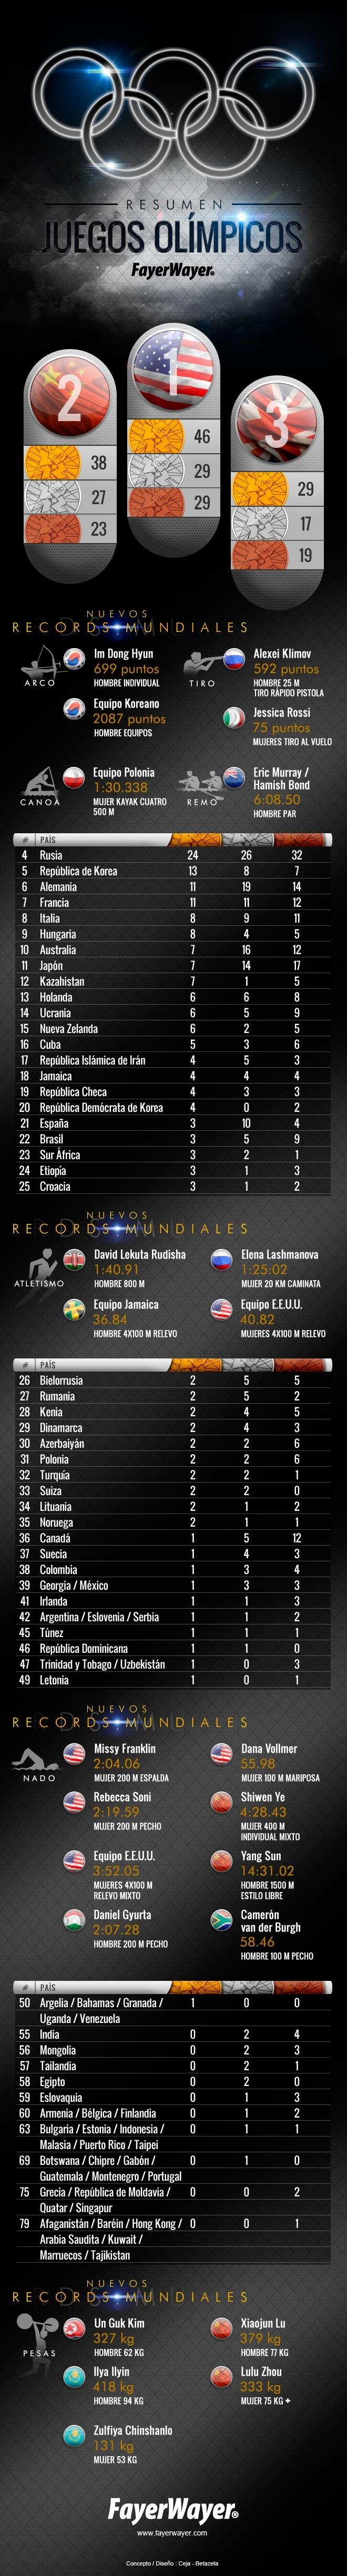 #JJOO Muchos números sobre los #JuegosOlímpicos (Infografía)